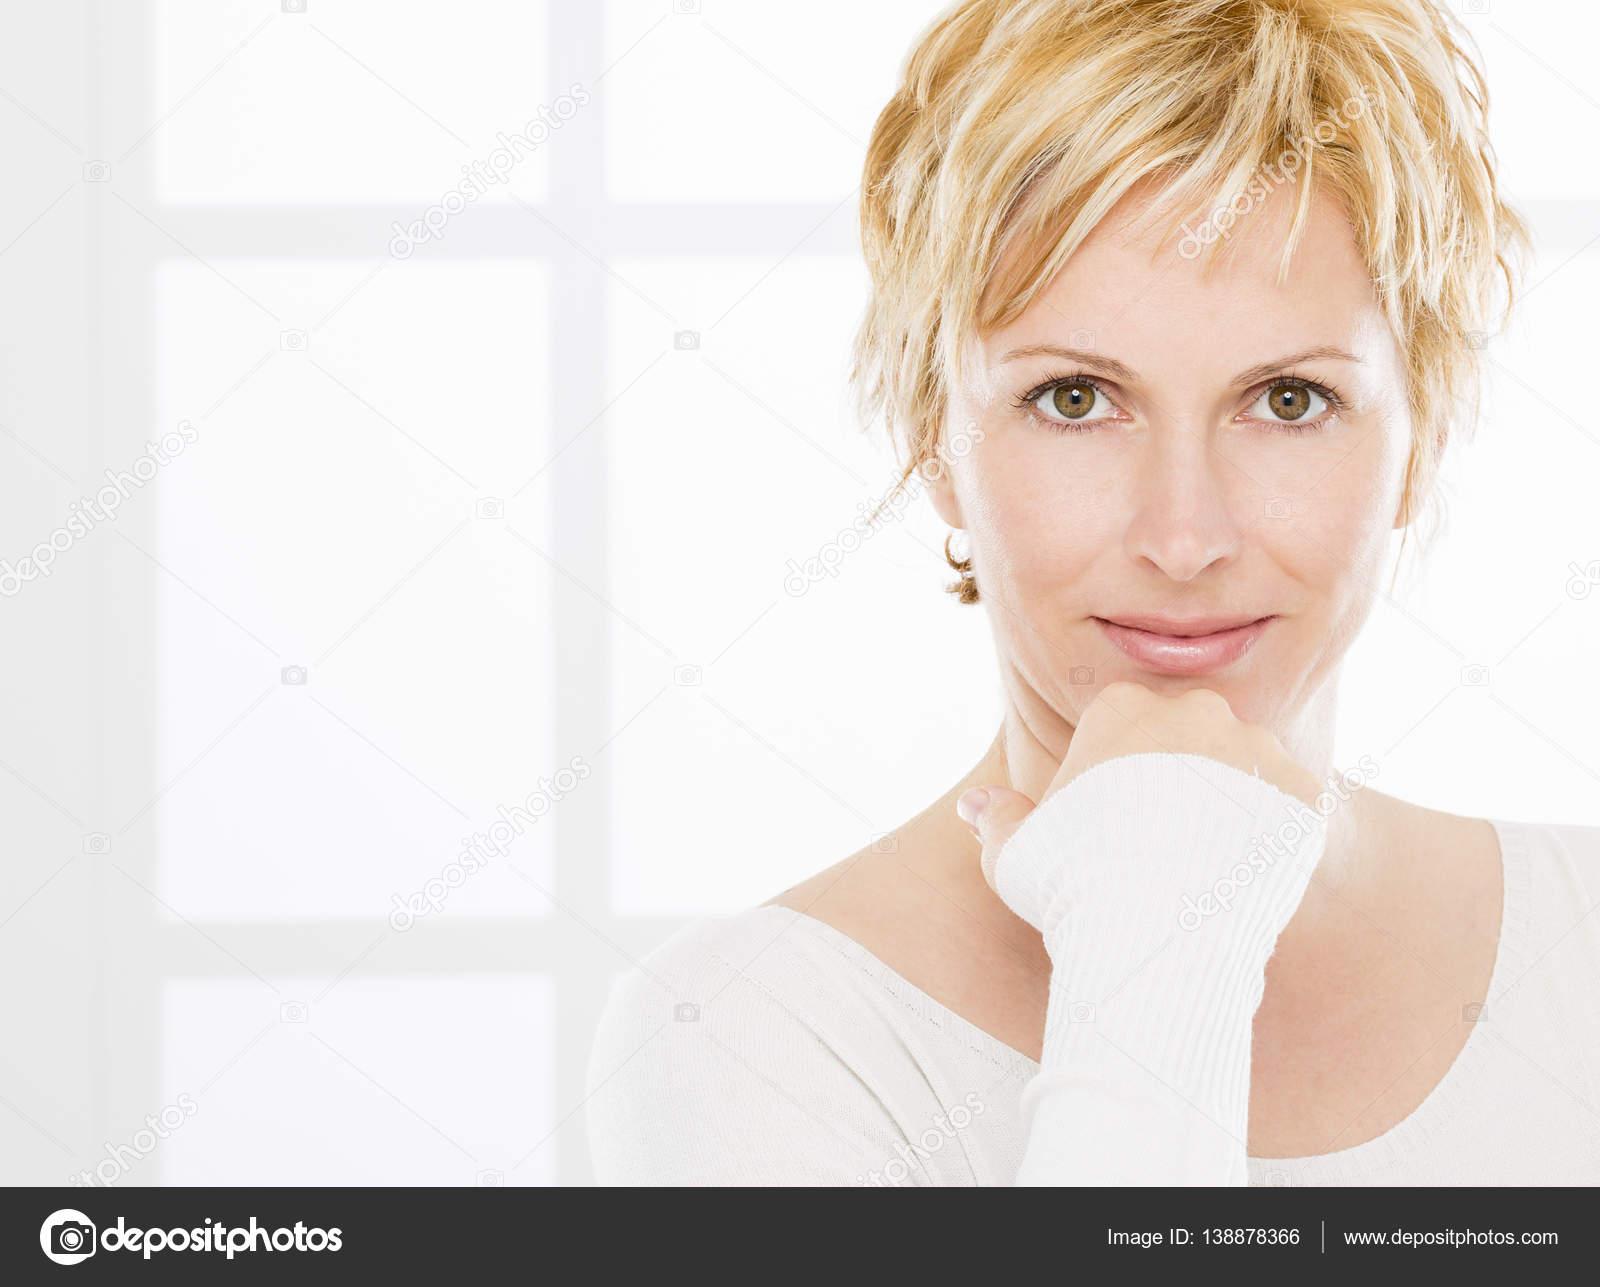 Bilder der 40 Jahre alten Frau